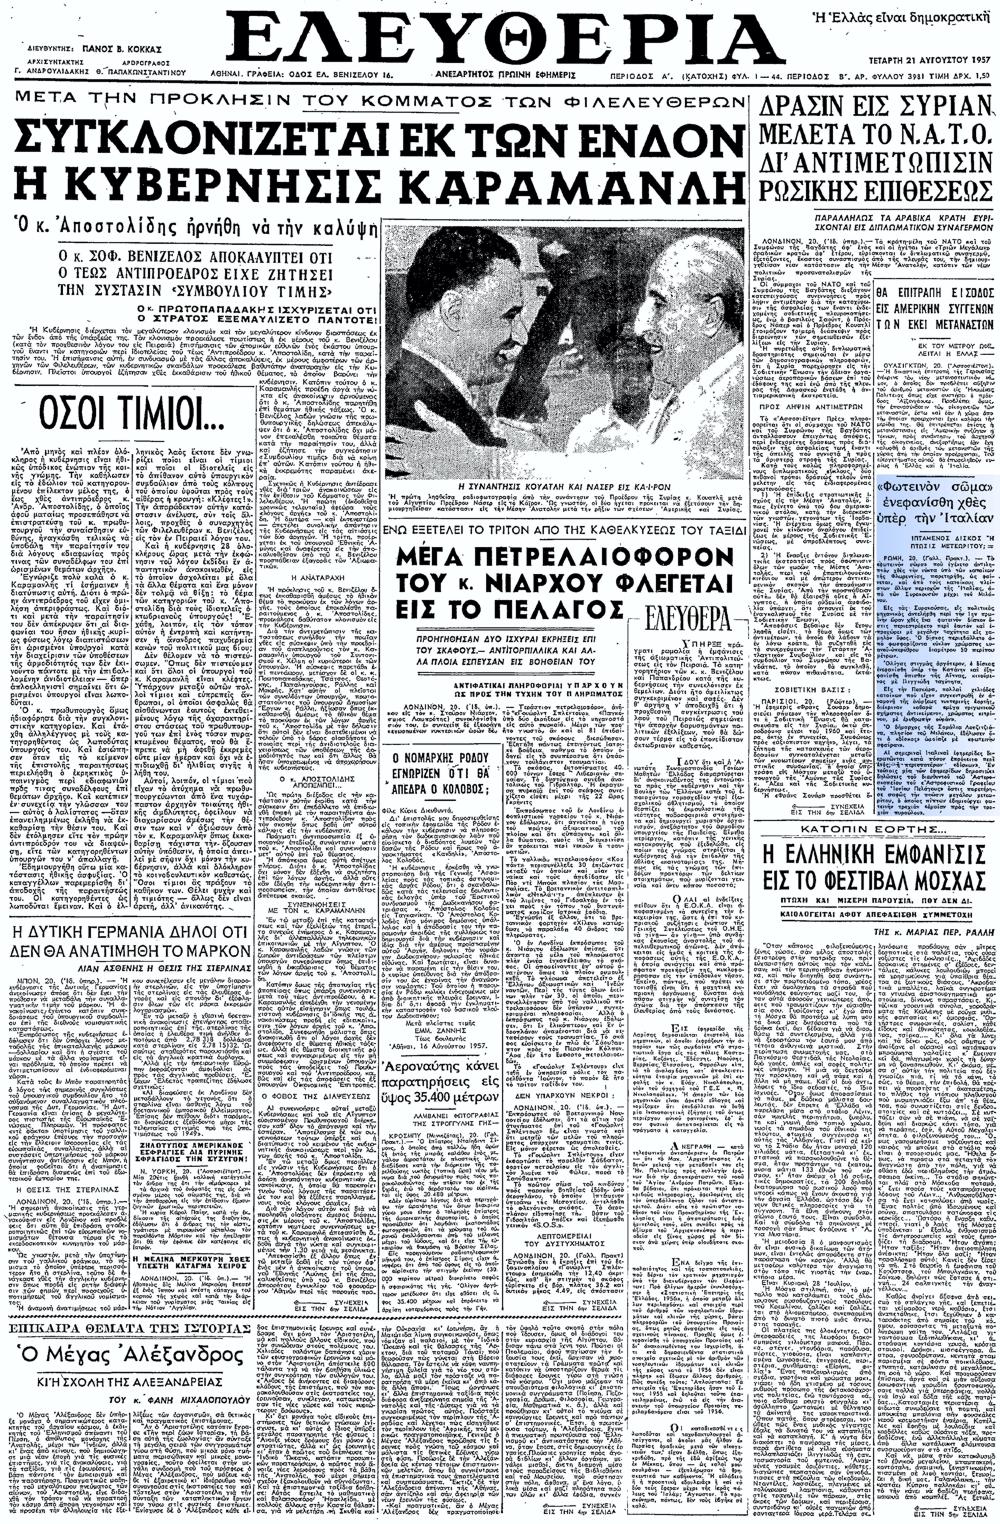 """Το άρθρο, όπως δημοσιεύθηκε στην εφημερίδα """"ΕΛΕΥΘΕΡΙΑ"""", στις 21/08/1957"""